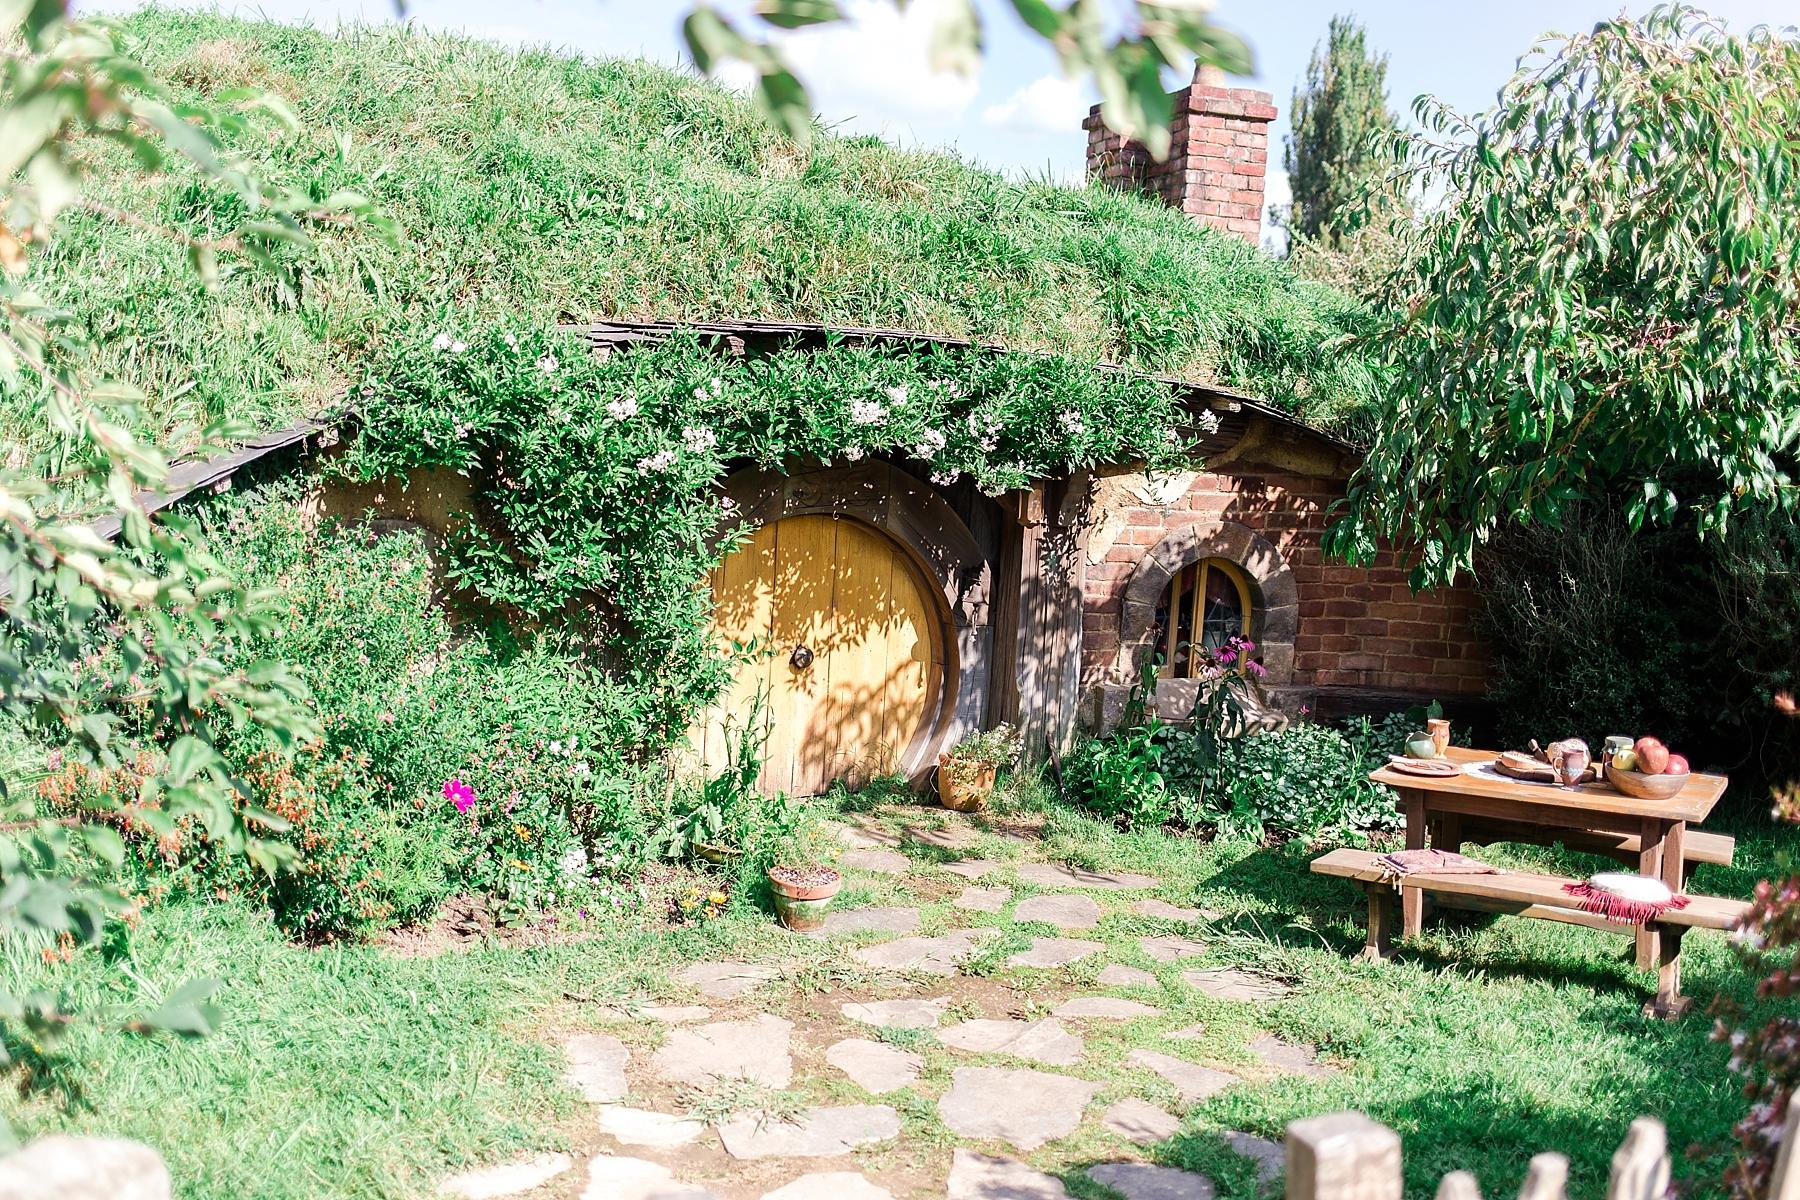 hobbiton-movie-set-matamata-hamilton-north-island-new-zealand-scenery_0245.jpg